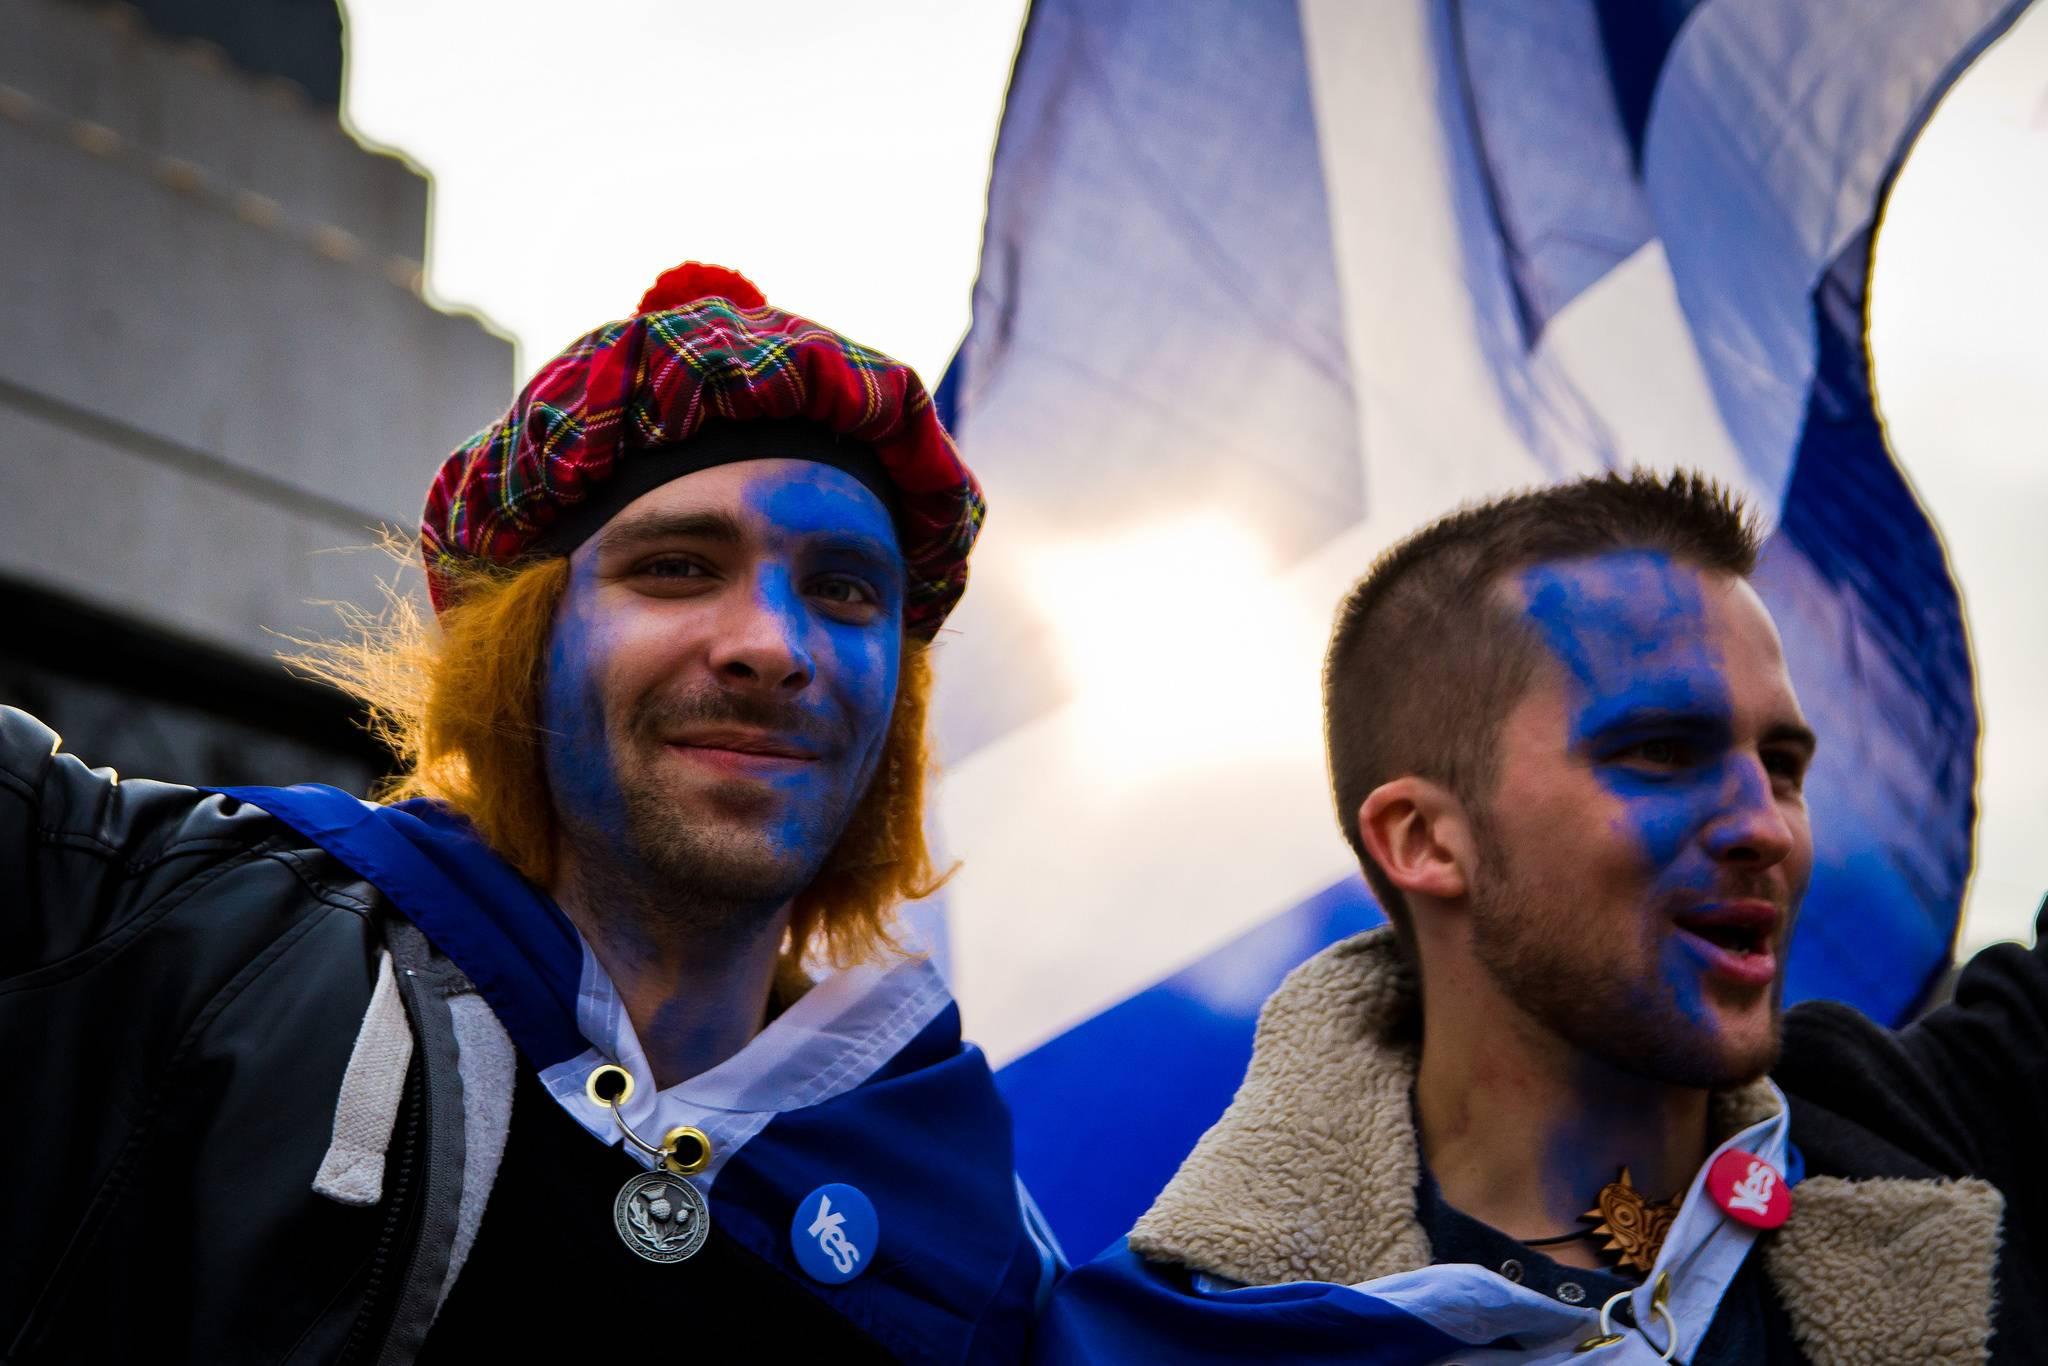 Référendum sur l'indépendance : peut-on vraiment parler d'une défaite des indépendantistes écossais?